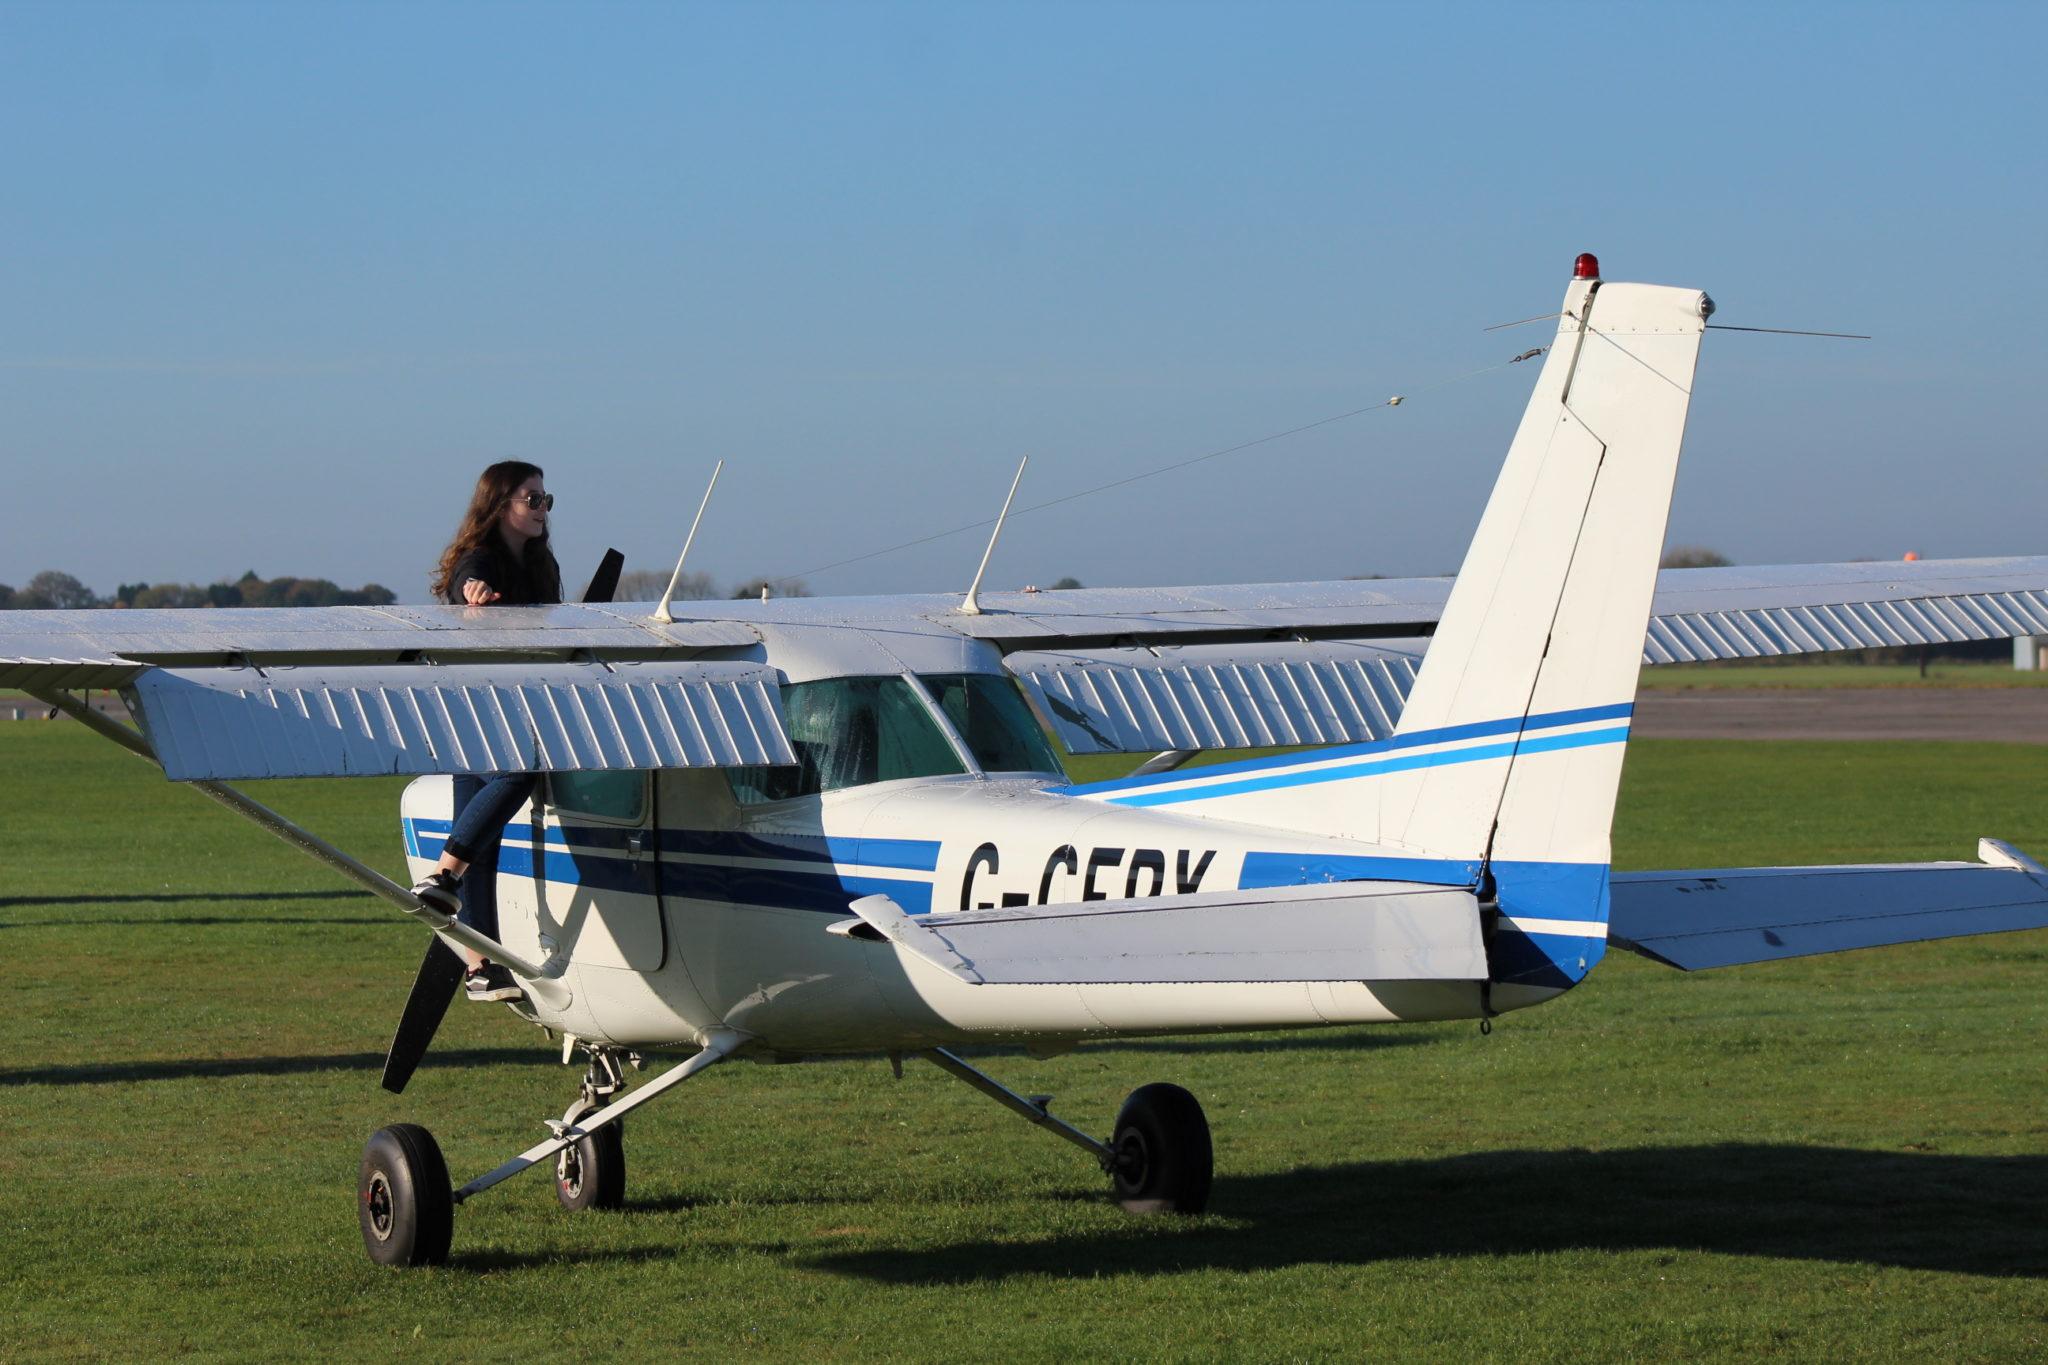 16-летняя британка стала самой юной девушкой-пилотом в мире